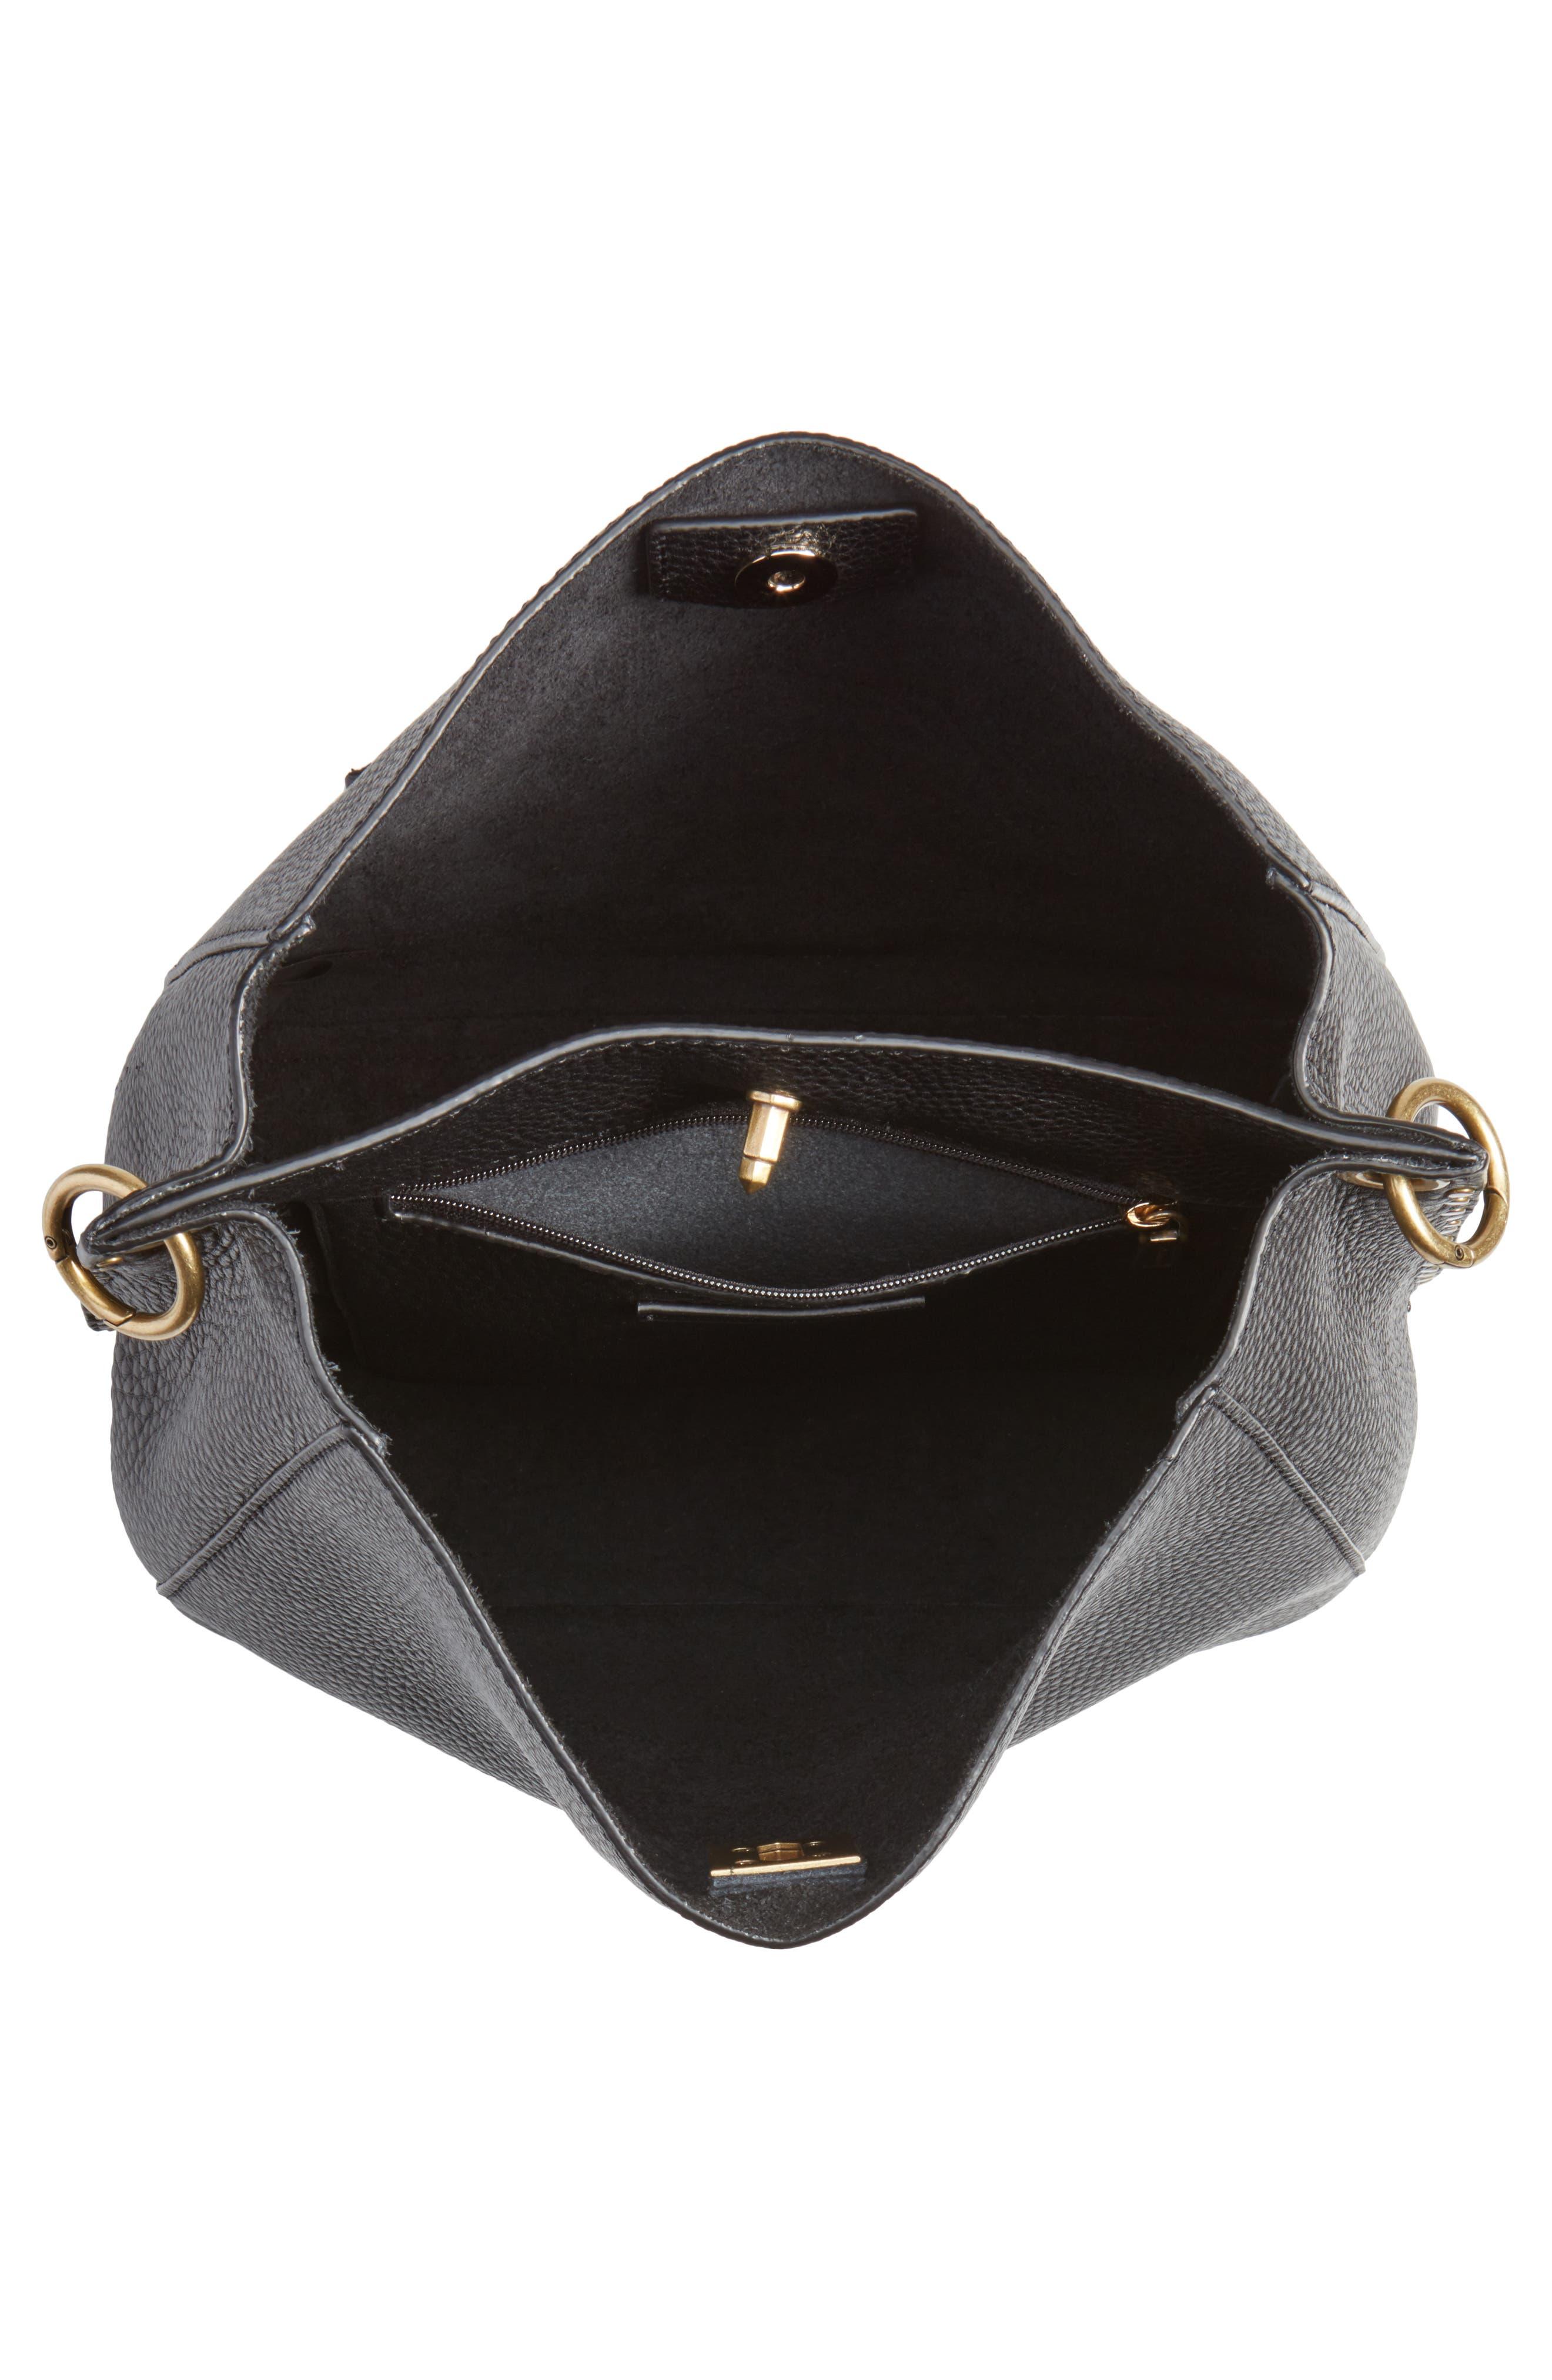 Darren Deerskin Leather Shoulder Bag,                             Alternate thumbnail 4, color,                             Black